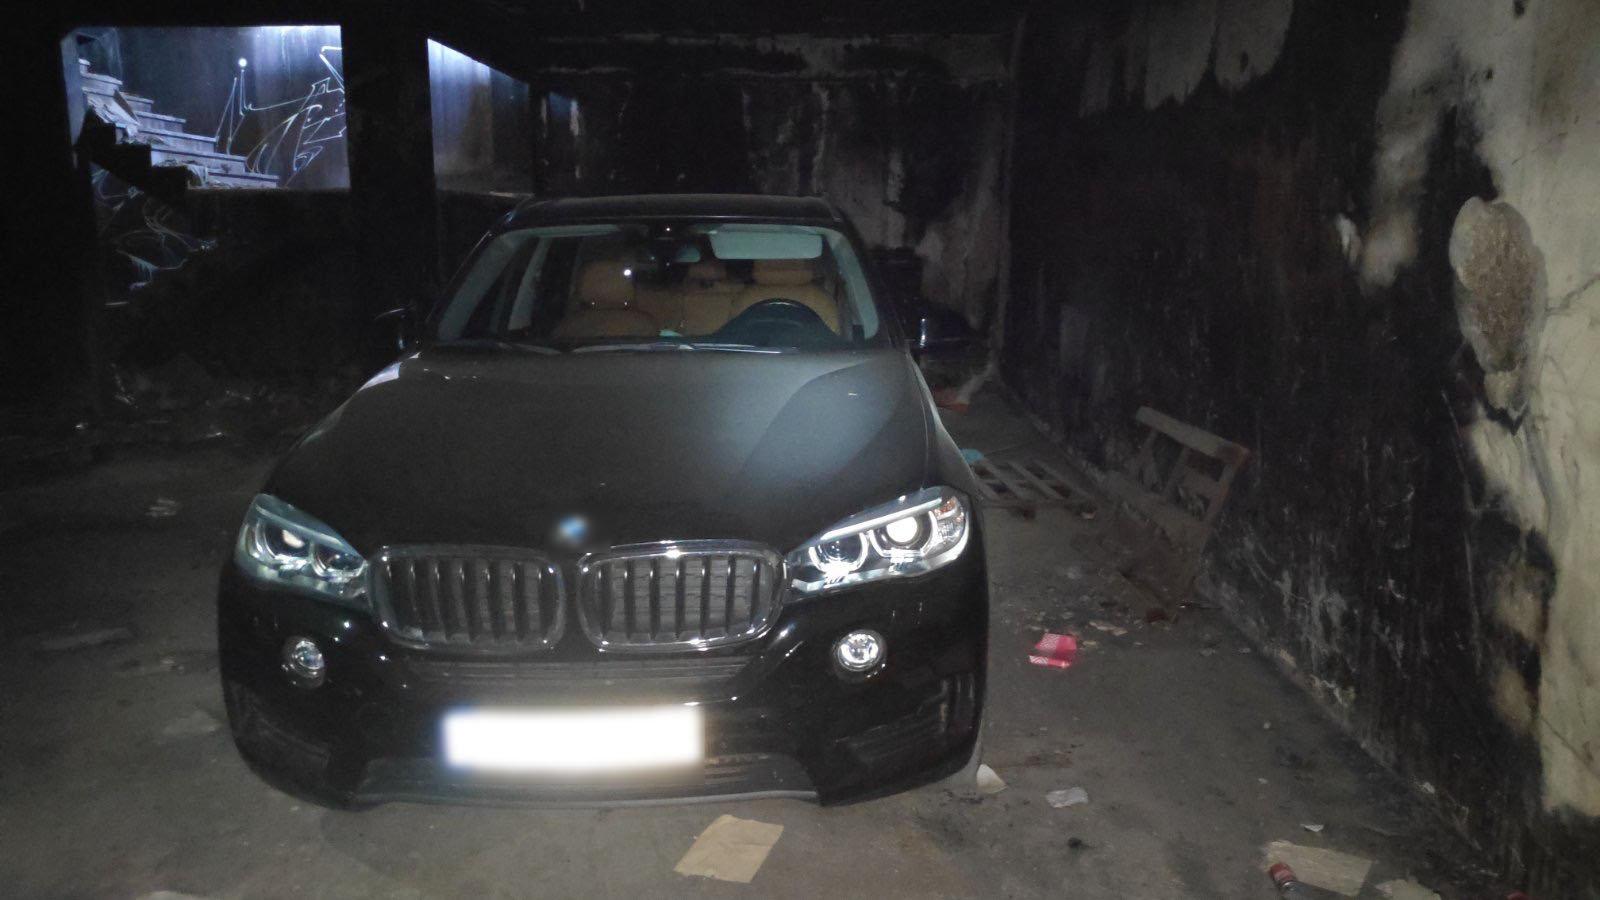 Attiki_stolen_vehicles_0003